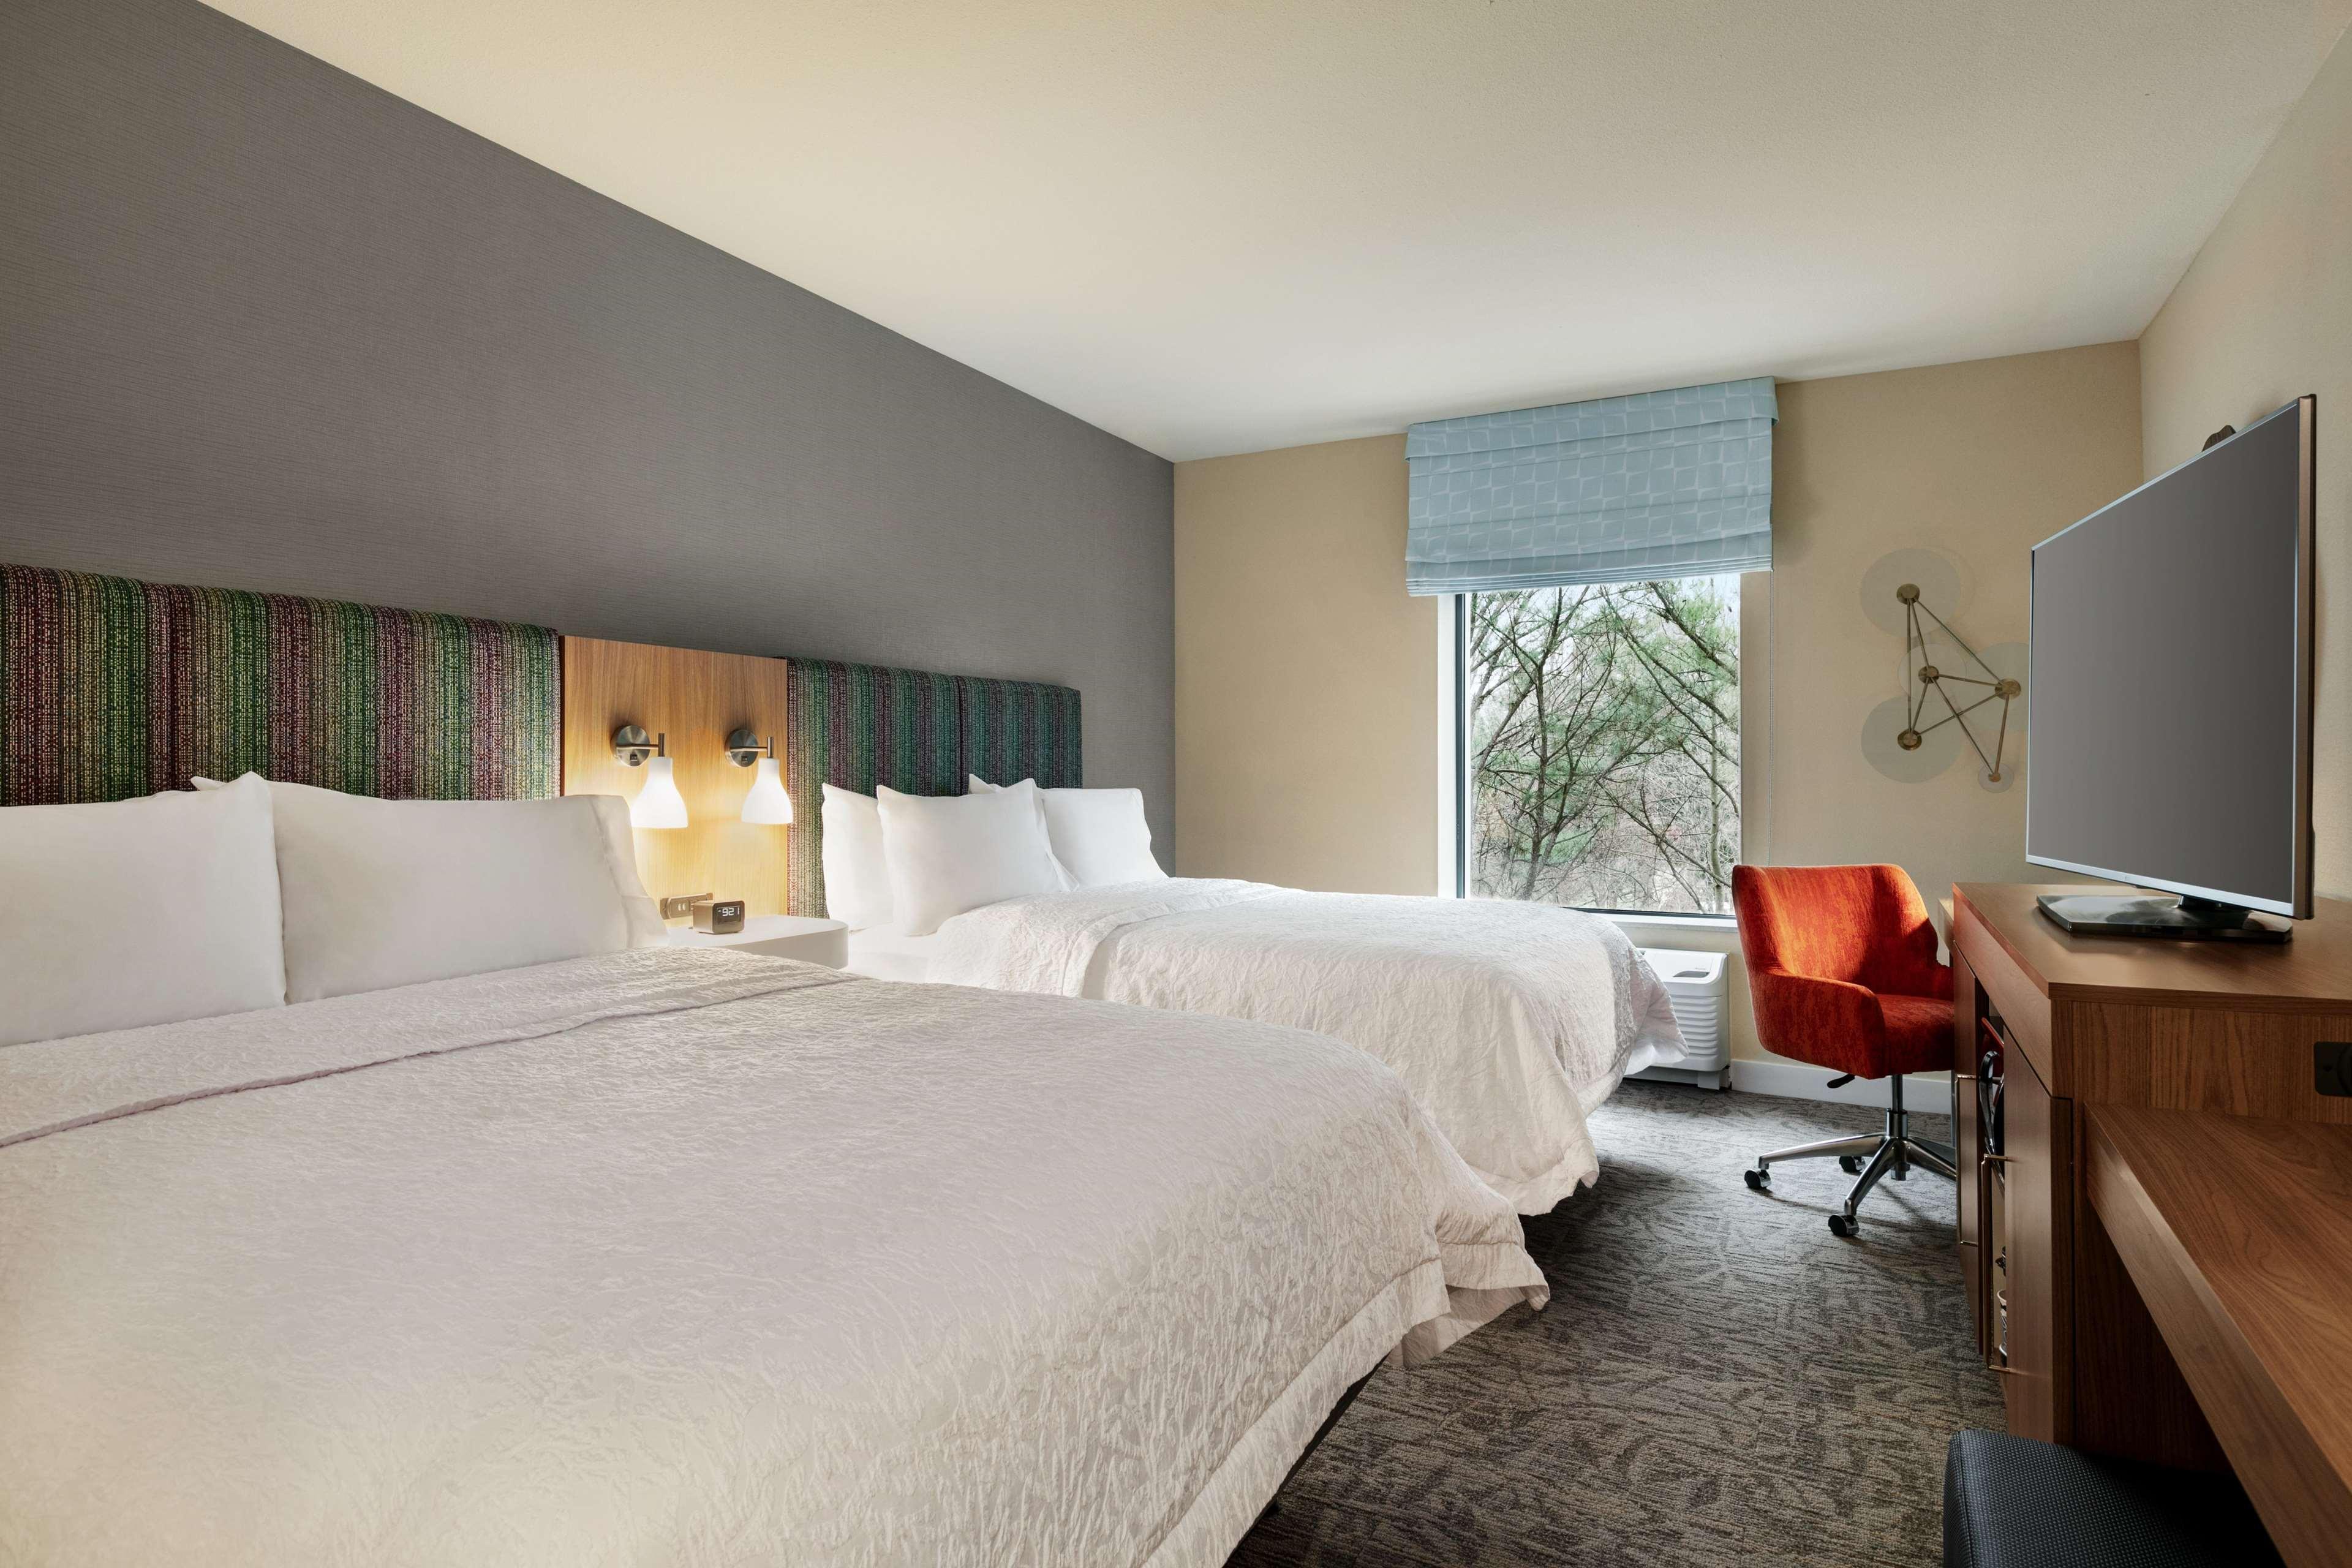 Hampton Inn and Suites Johns Creek image 33